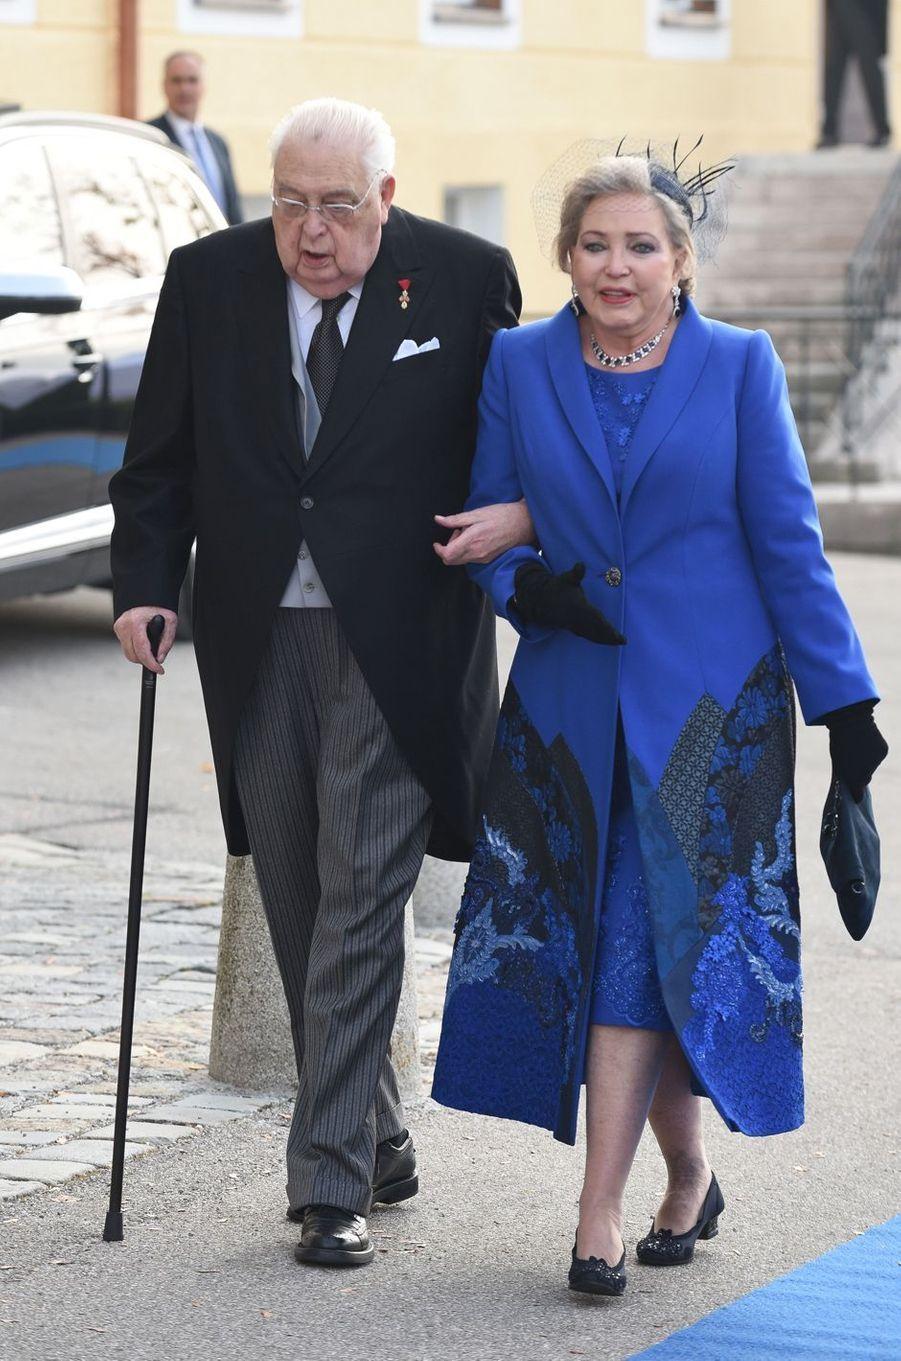 Le duc Carl et la duchesse Diane de Wurtemberg (Diane d'Orléans ou de France), grands-parents paternels de la duchesse Sophie à Tegernsee, le 20 octobre 2018